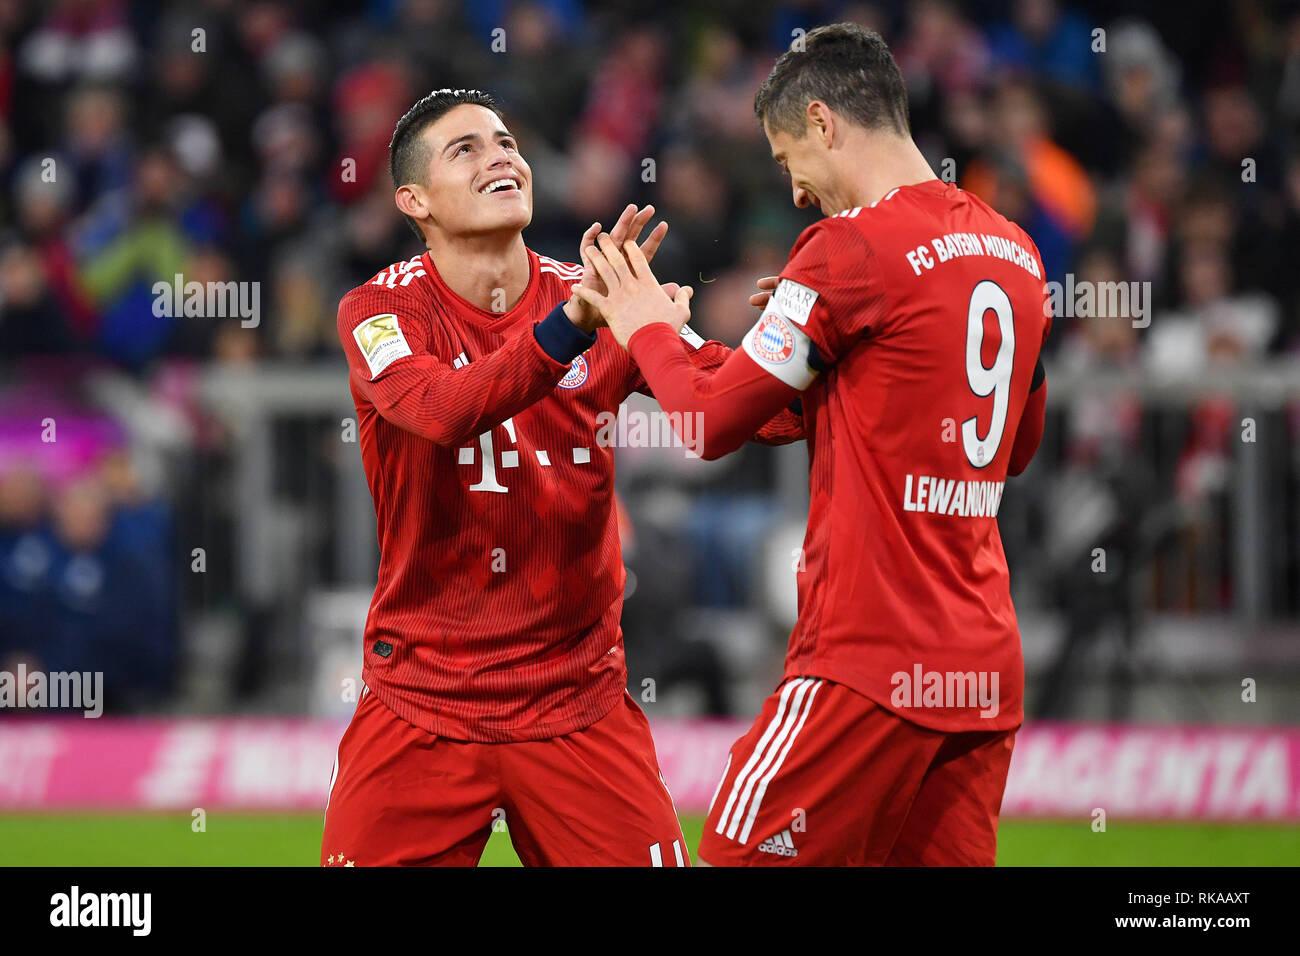 2b75e2828c5 Munich, Germany. 09th Feb, 2019. James RODRIGUEZ (Bayern Munich) with Robert  LEWANDOWSKI (Bayern Munich, re), action.